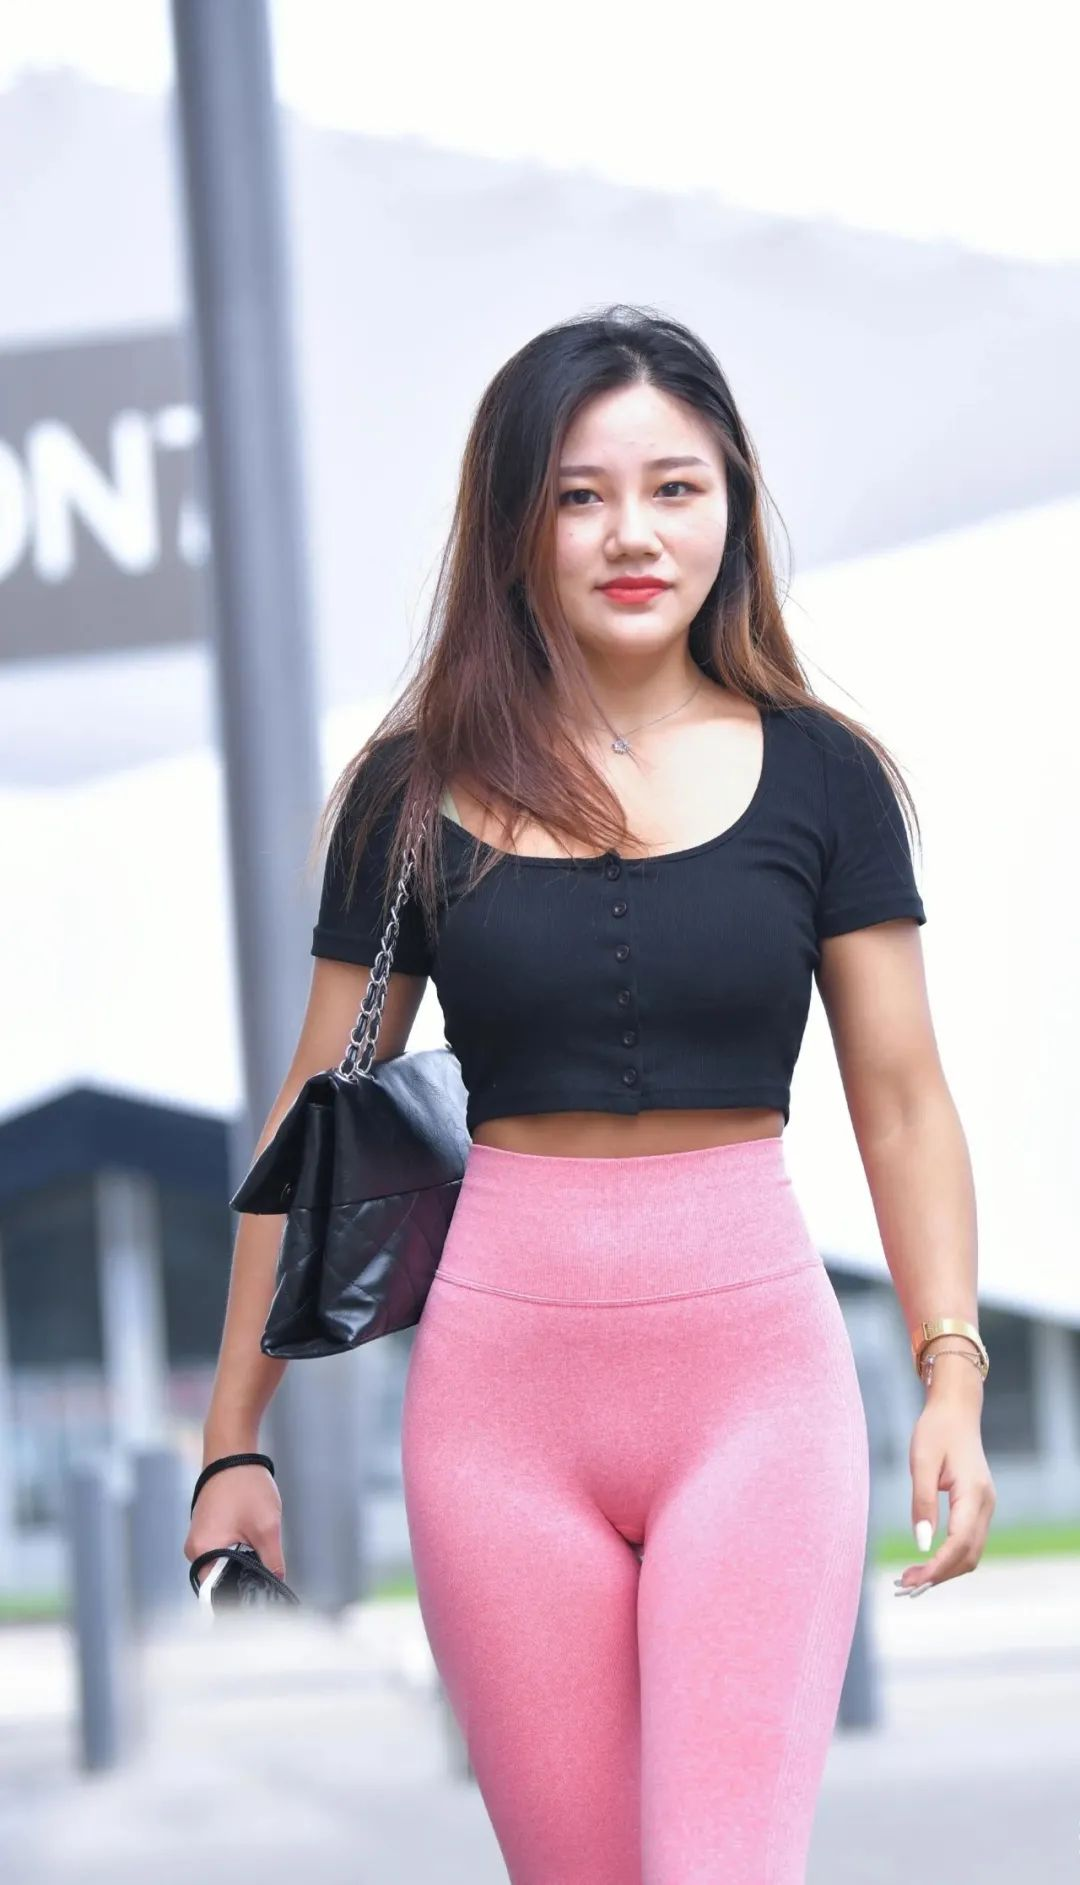 [街拍美女]显瘦又显腿长的瑜伽裤,搭配黑色上衣,青春有活力2